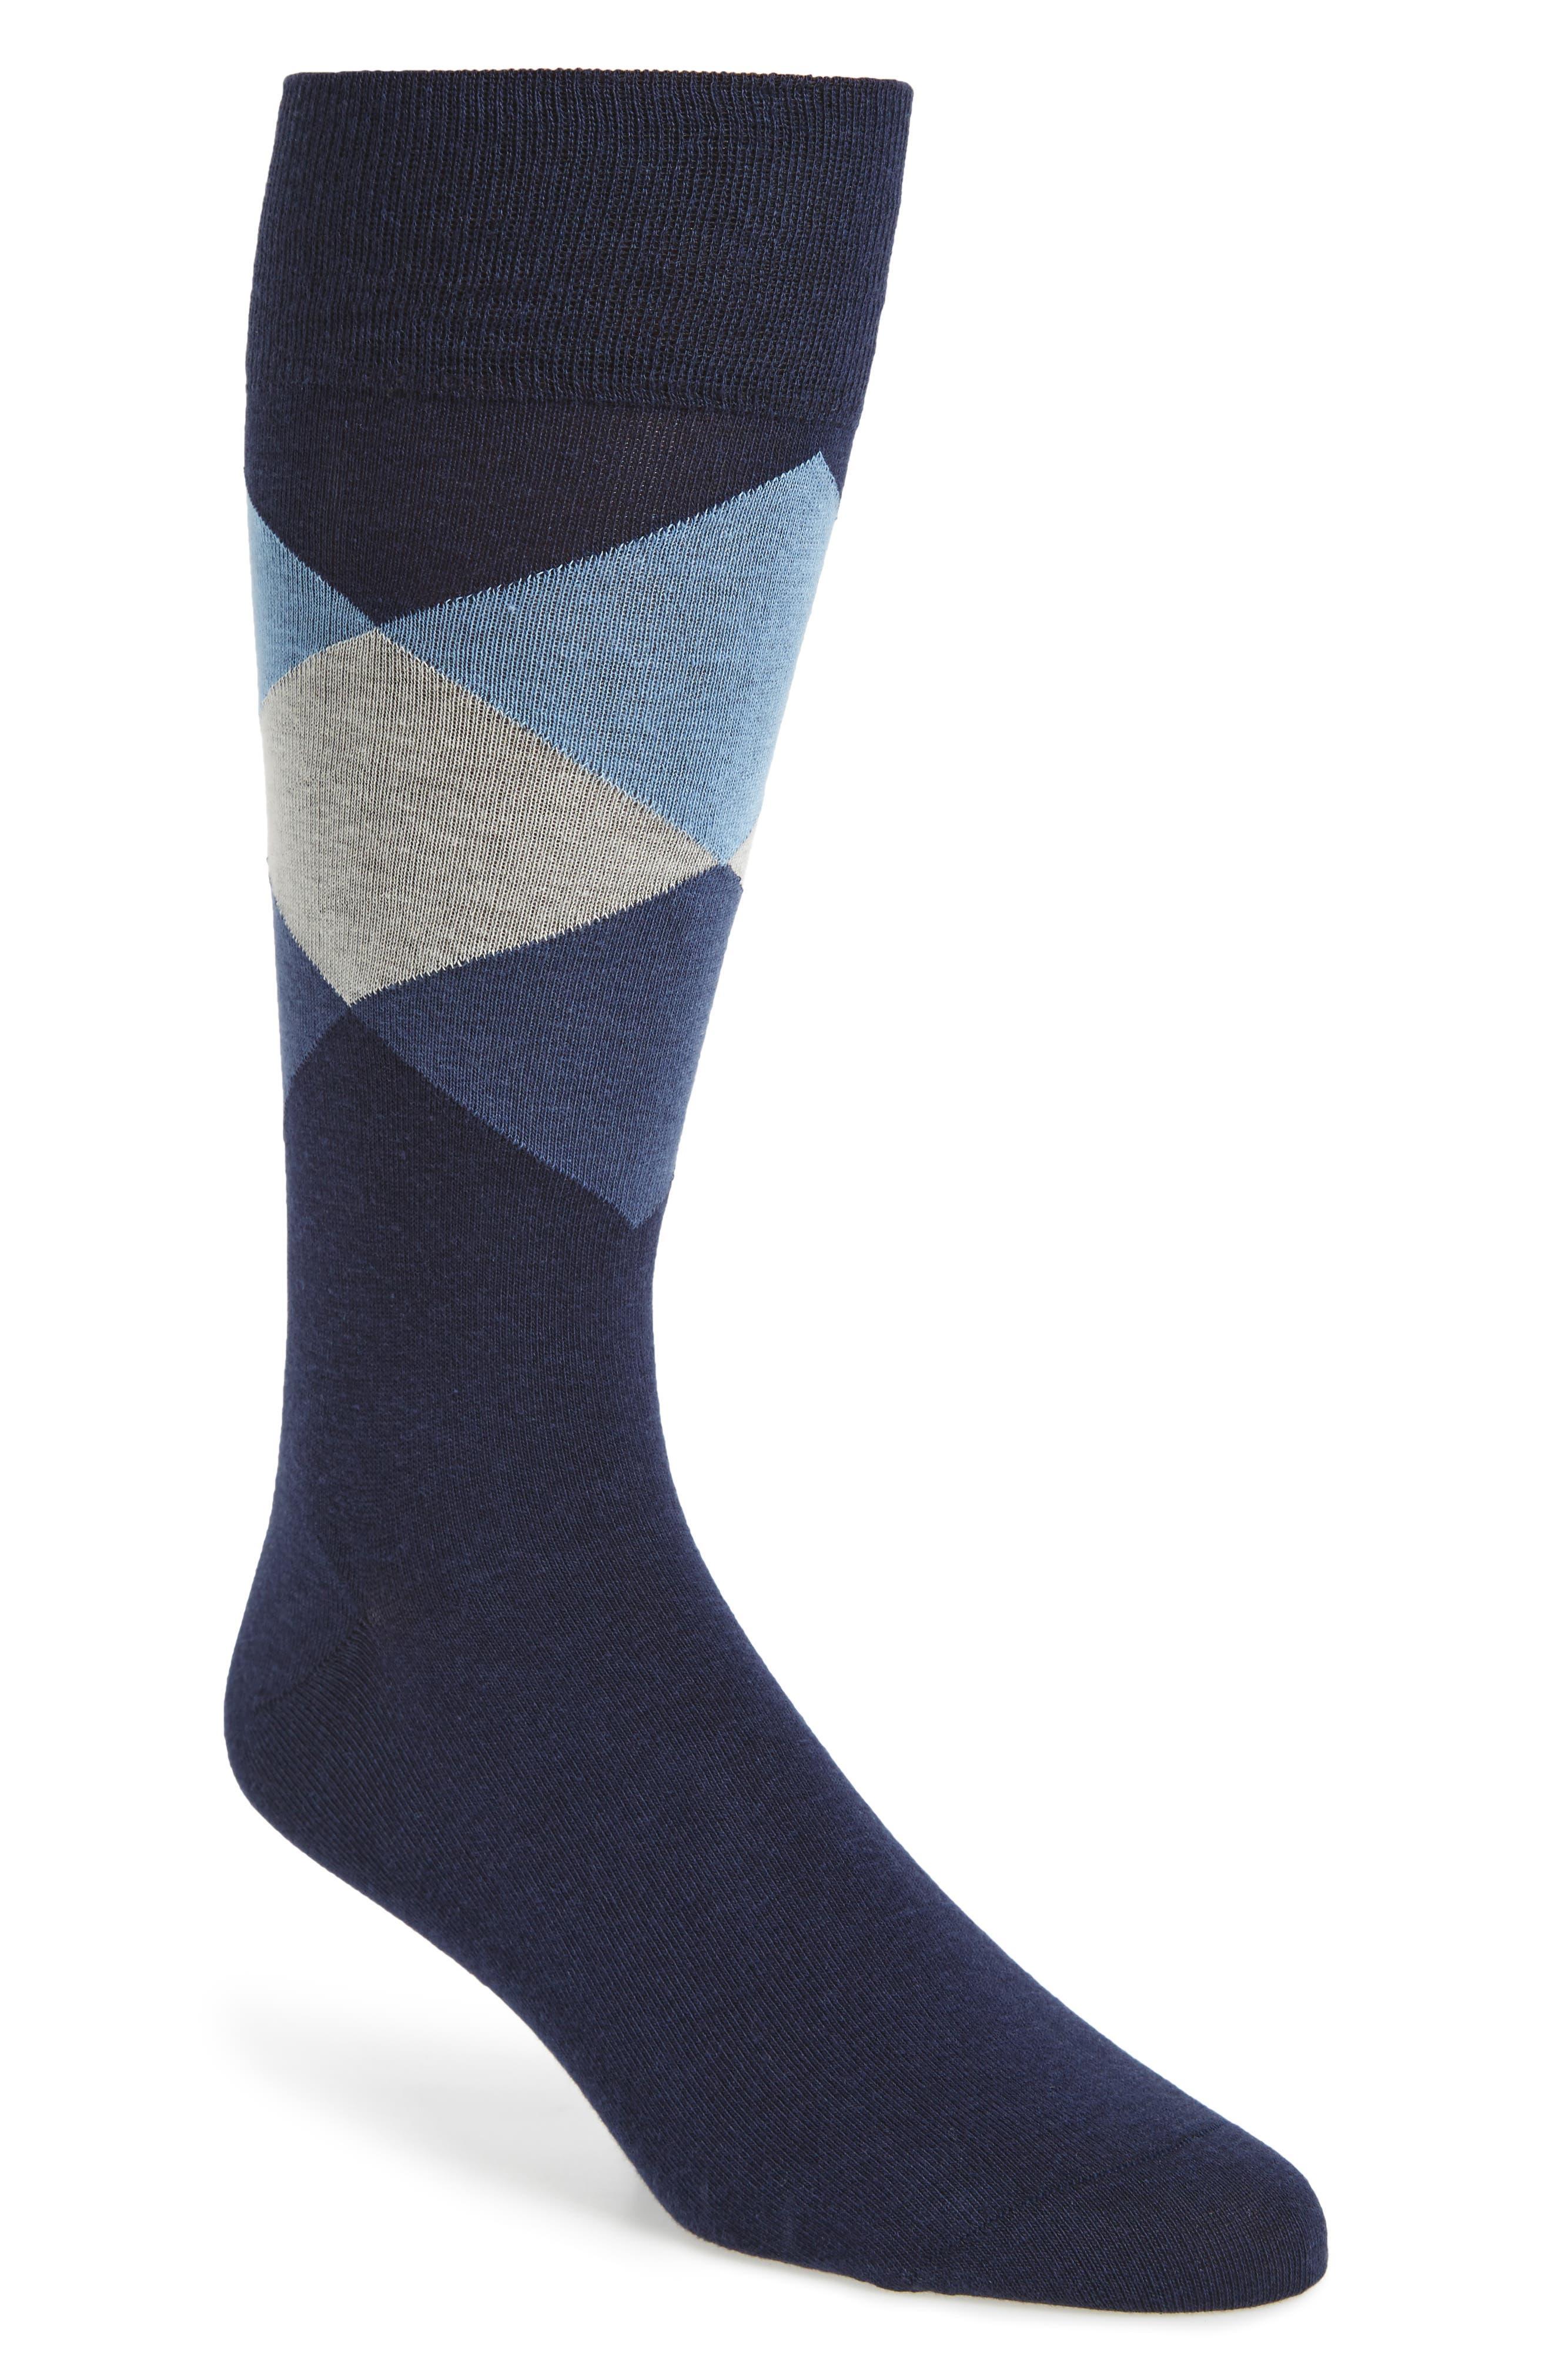 Large Diamond Crew Socks,                         Main,                         color, Marine Blue